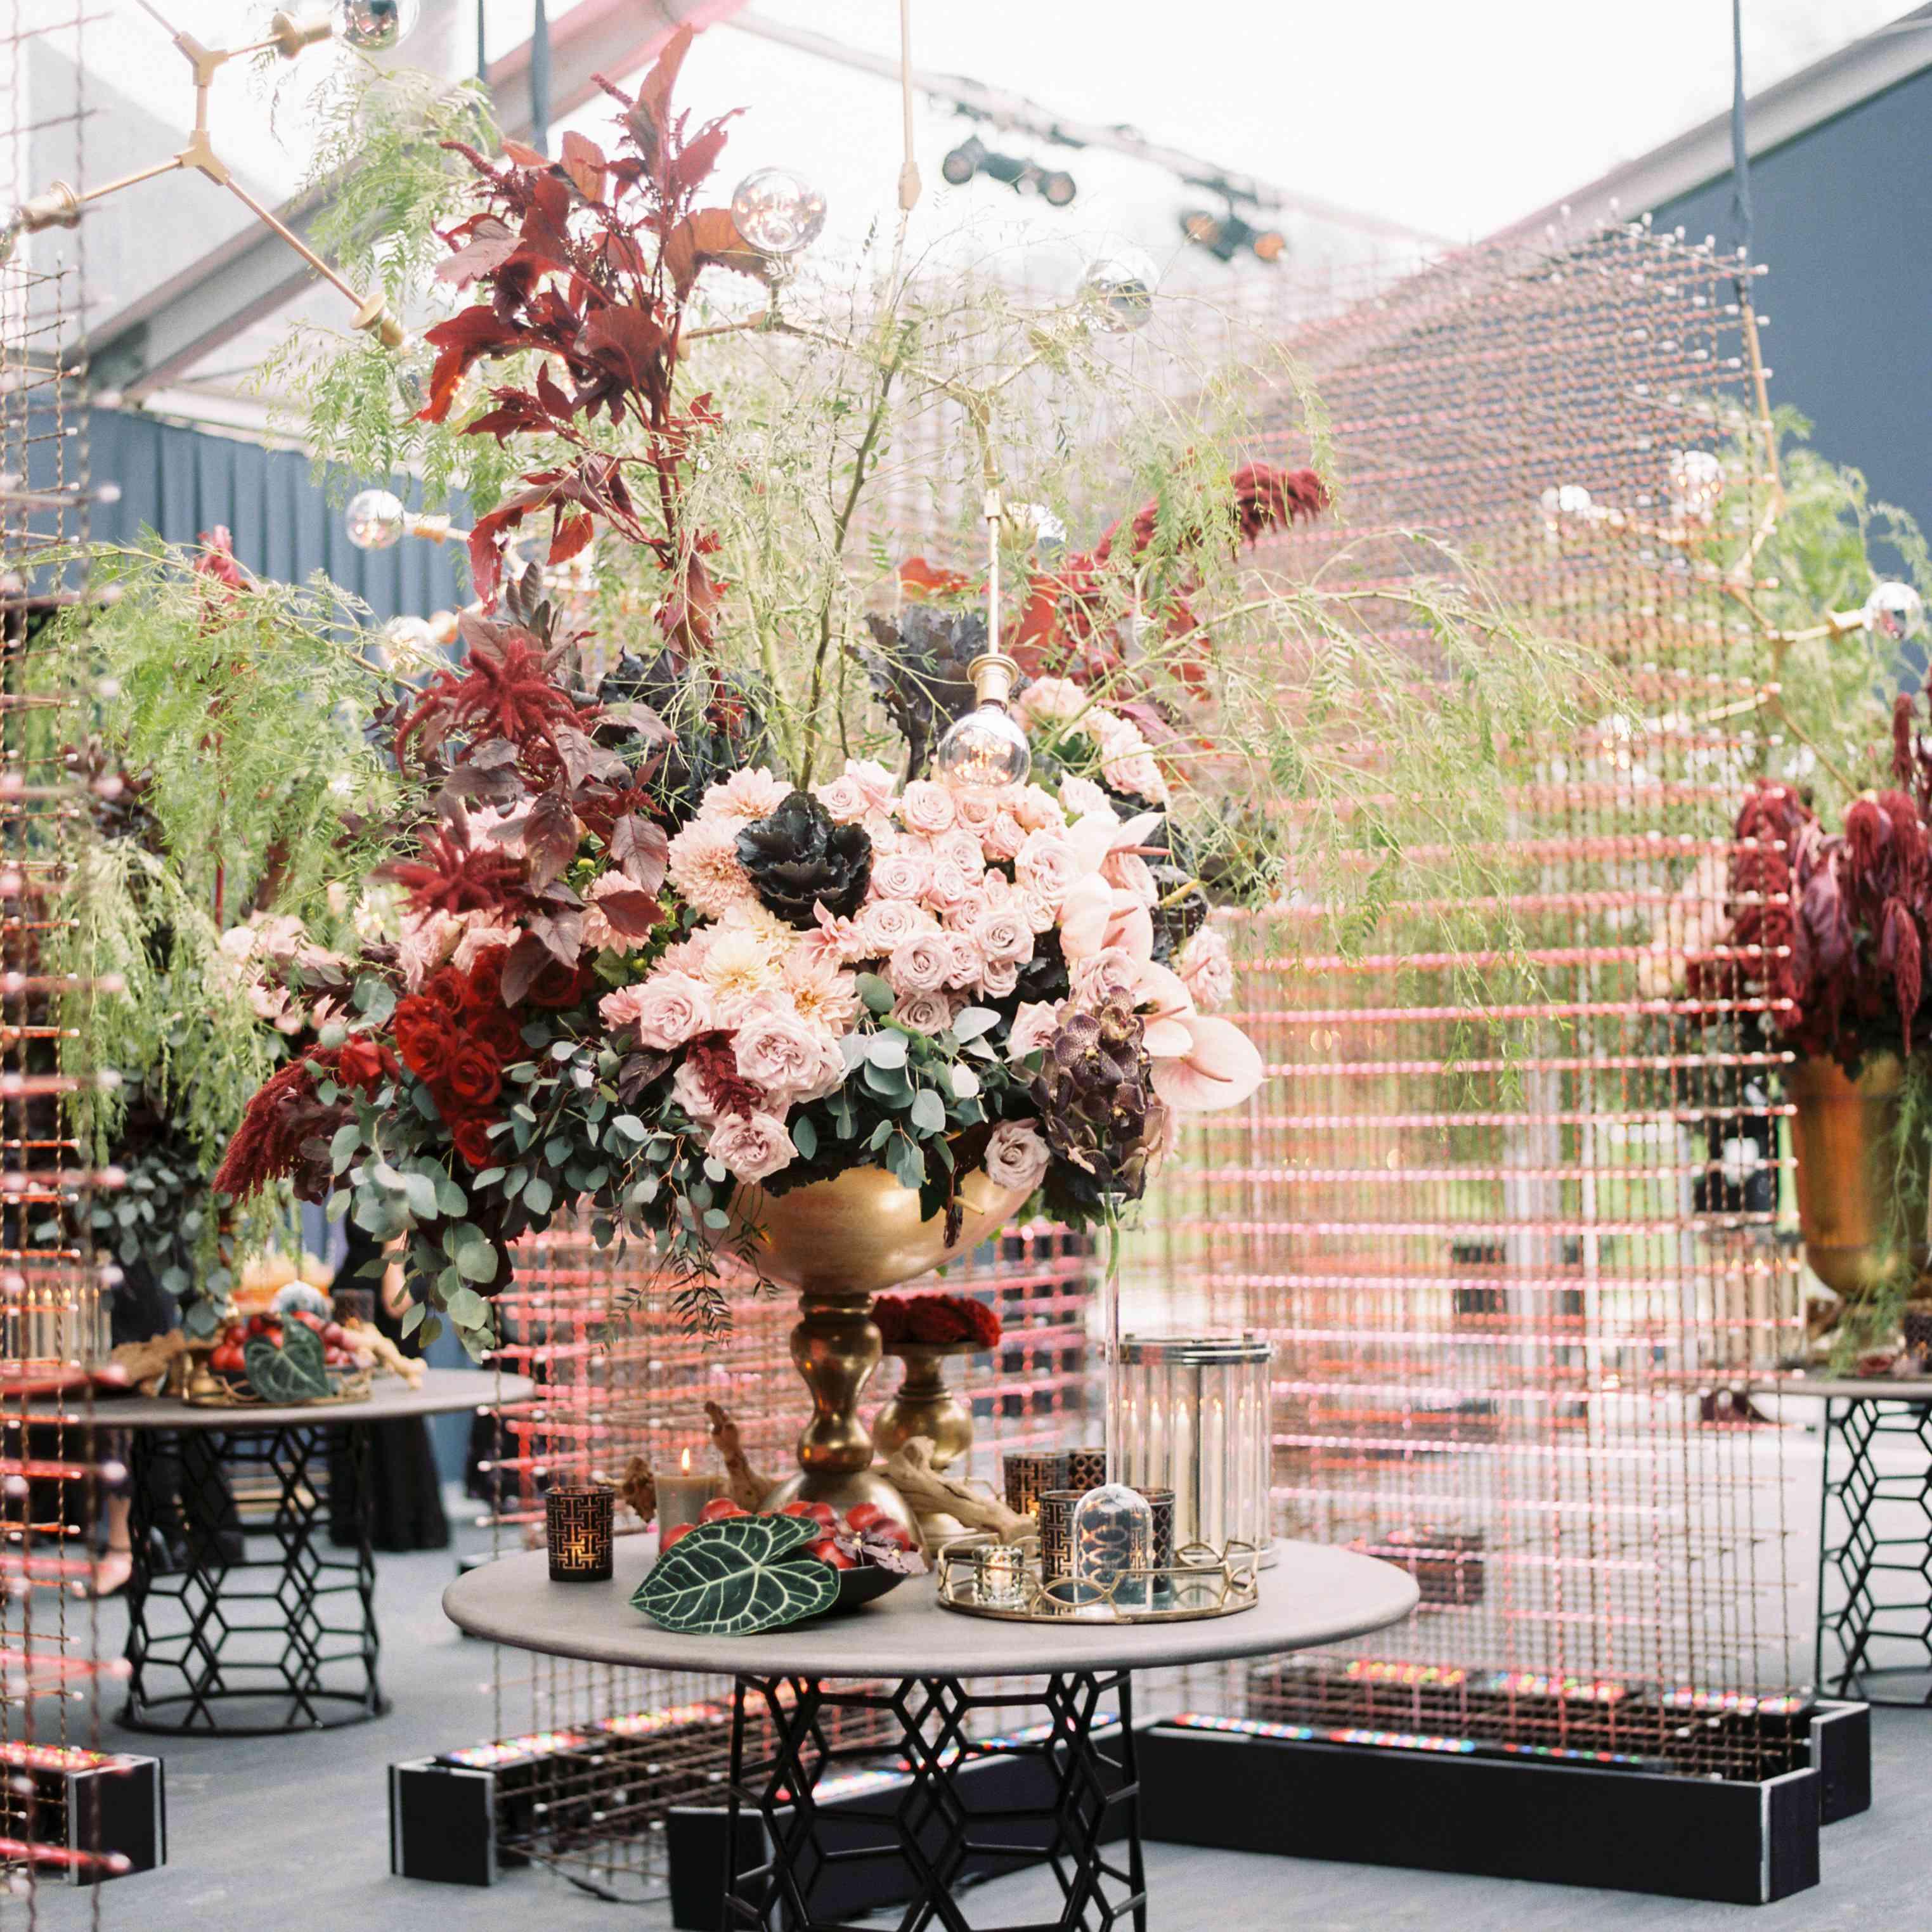 Floral arrangement in wedding tent